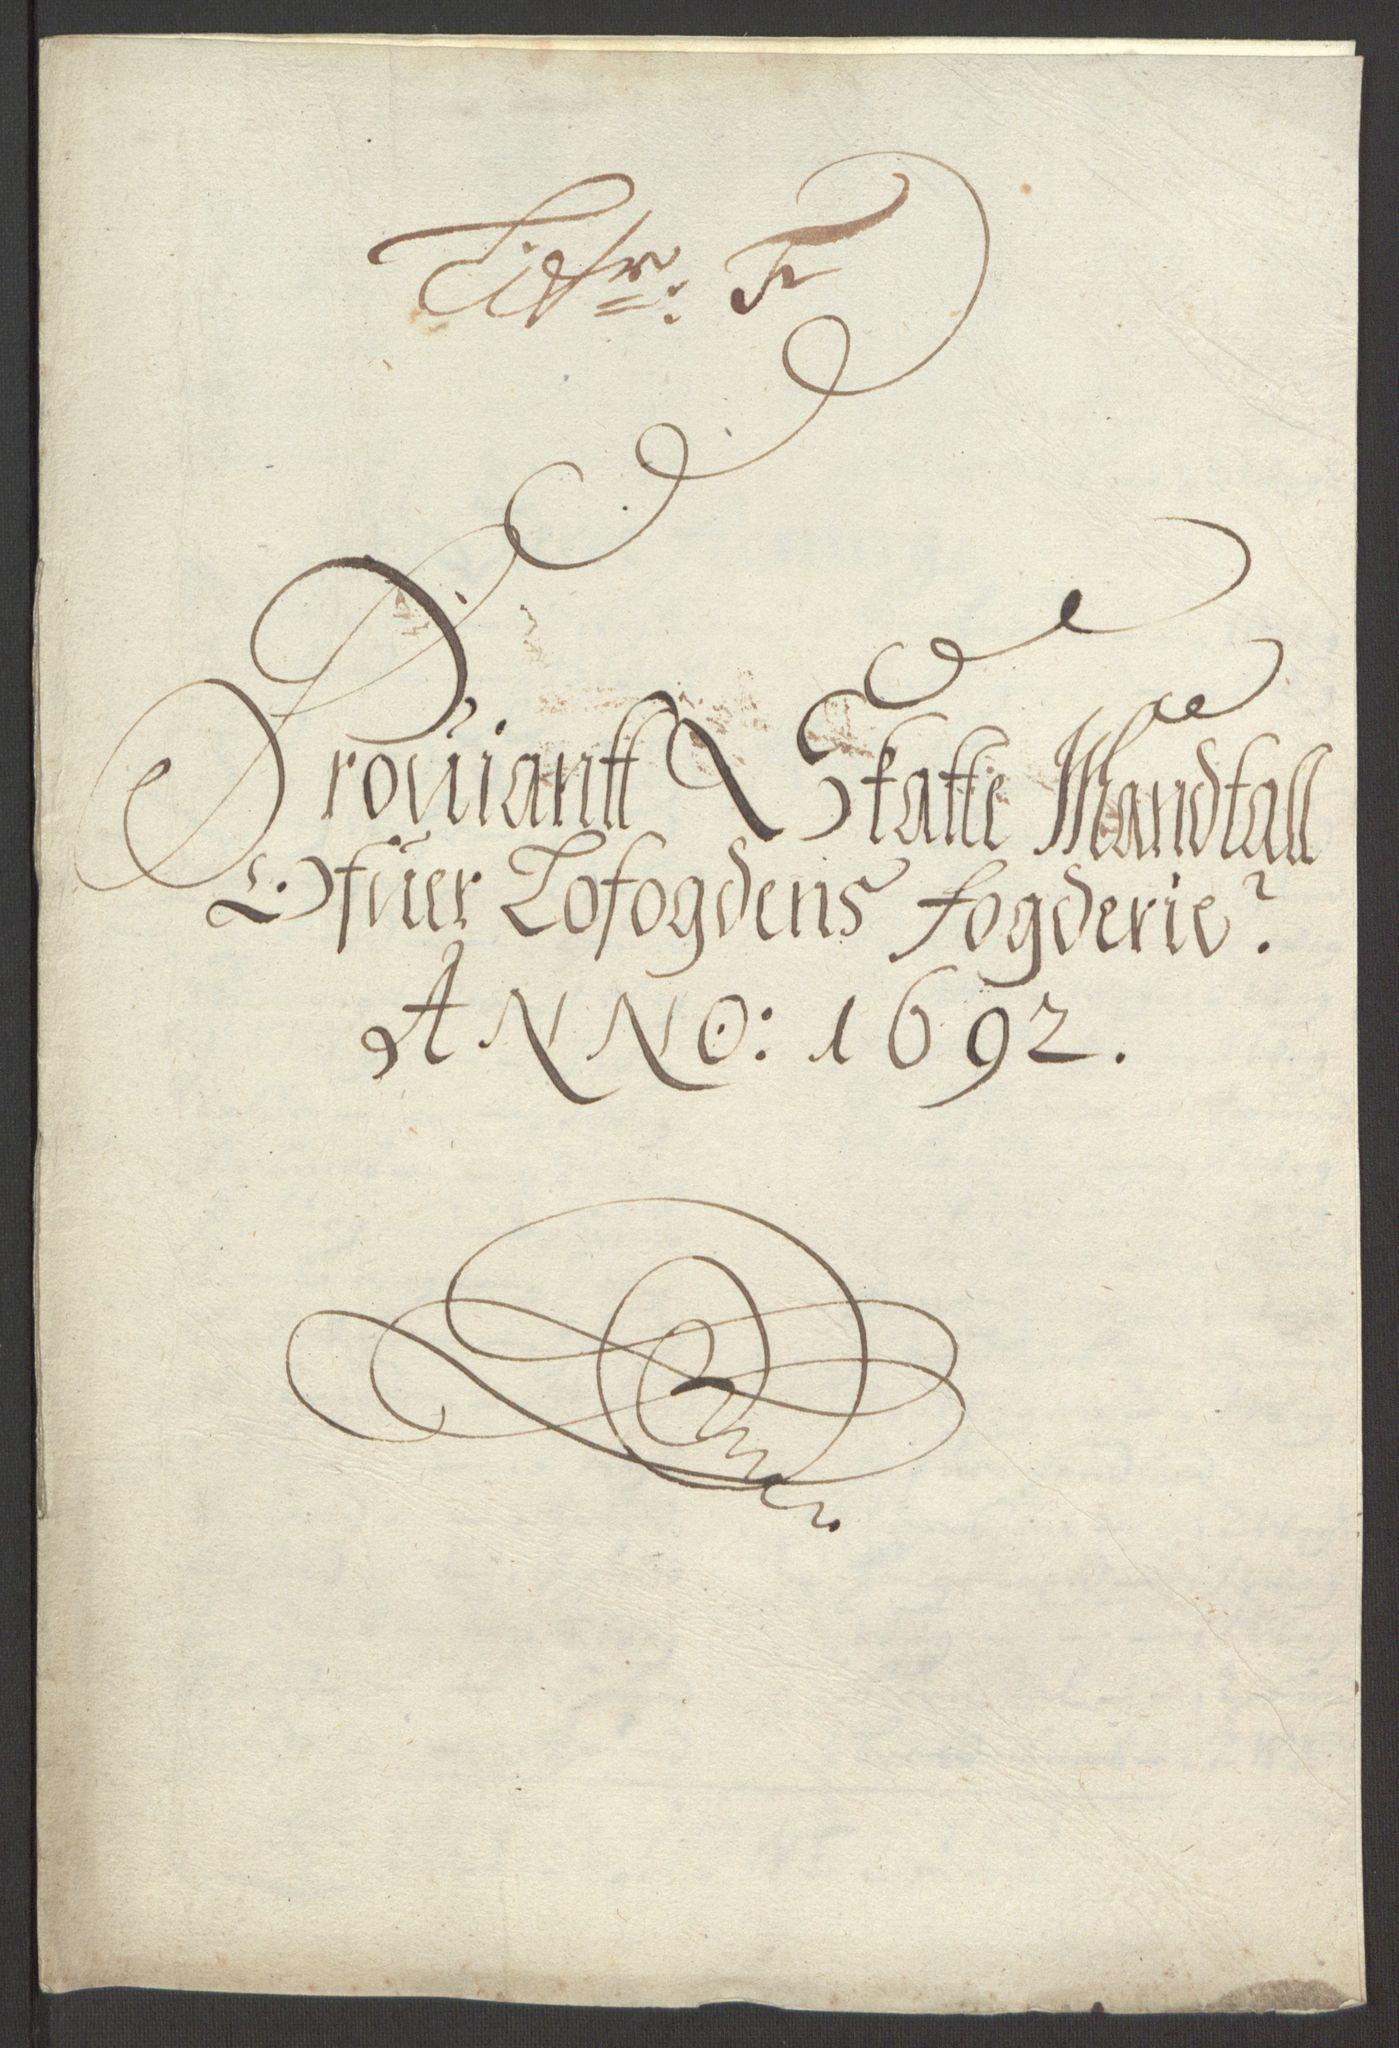 RA, Rentekammeret inntil 1814, Reviderte regnskaper, Fogderegnskap, R67/L4675: Fogderegnskap Vesterålen, Andenes og Lofoten, 1691-1693, s. 167